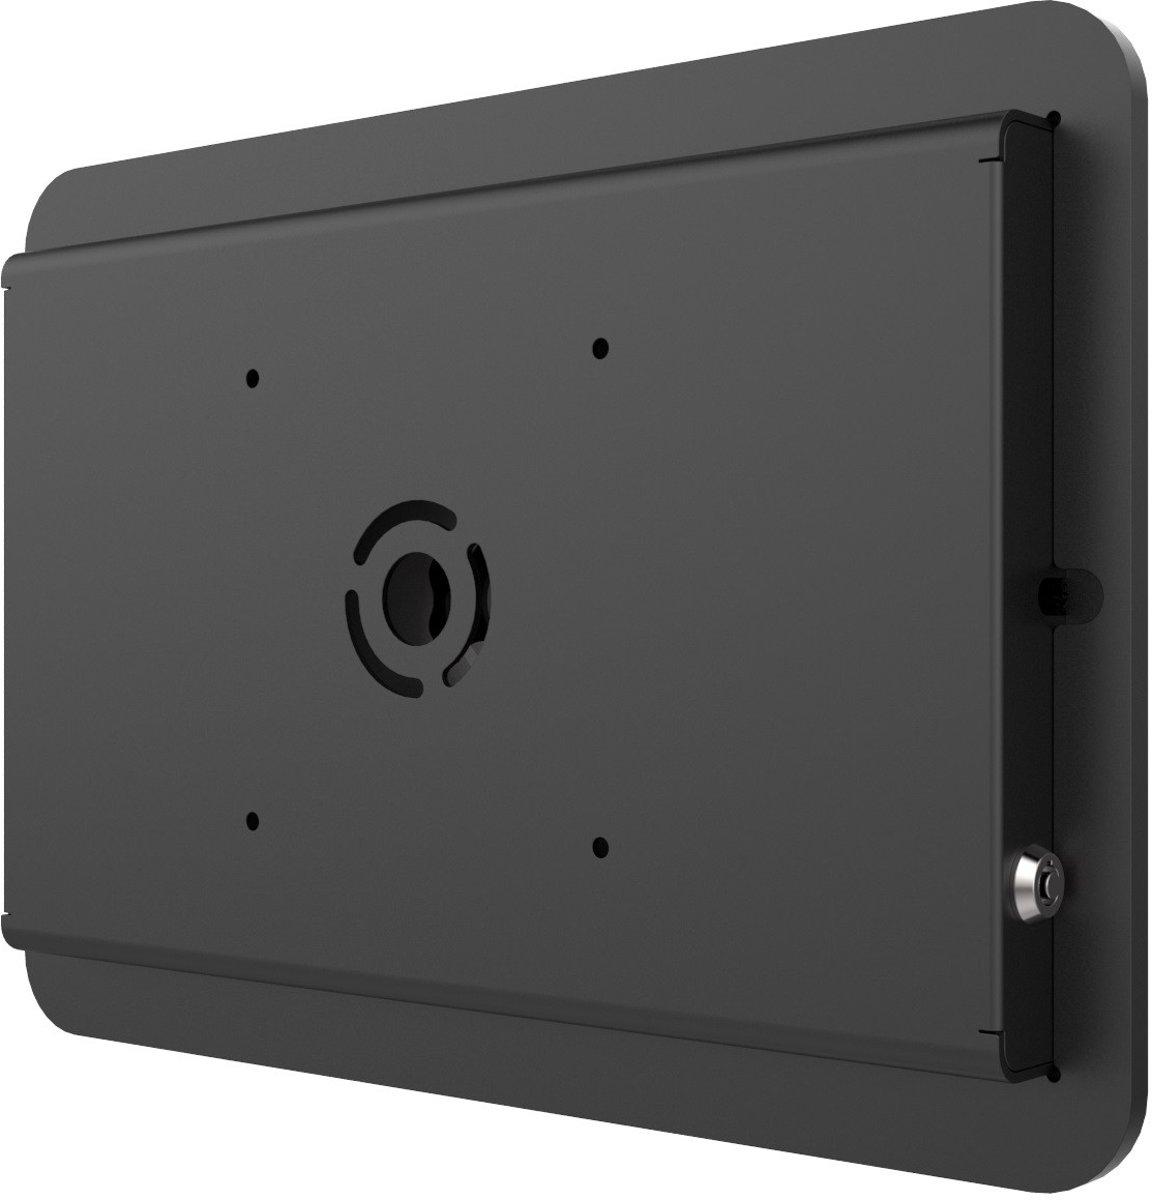 Maclocks Rokku veiligheidsbehuizing voor tablets 24,6 cm (9.7'') Zwart kopen